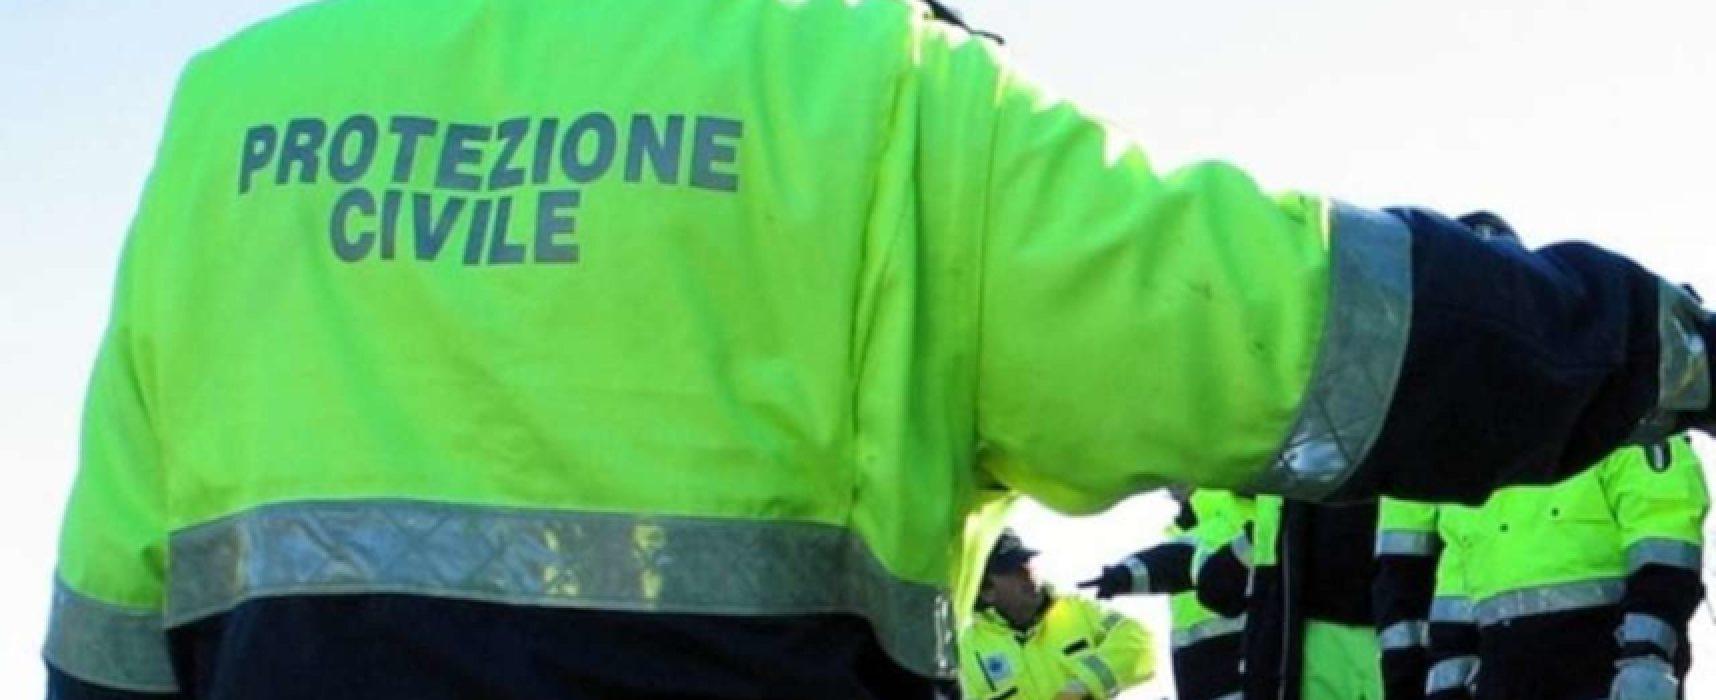 Regione Puglia affida a Protezione civile distribuzione e contabilità vaccini